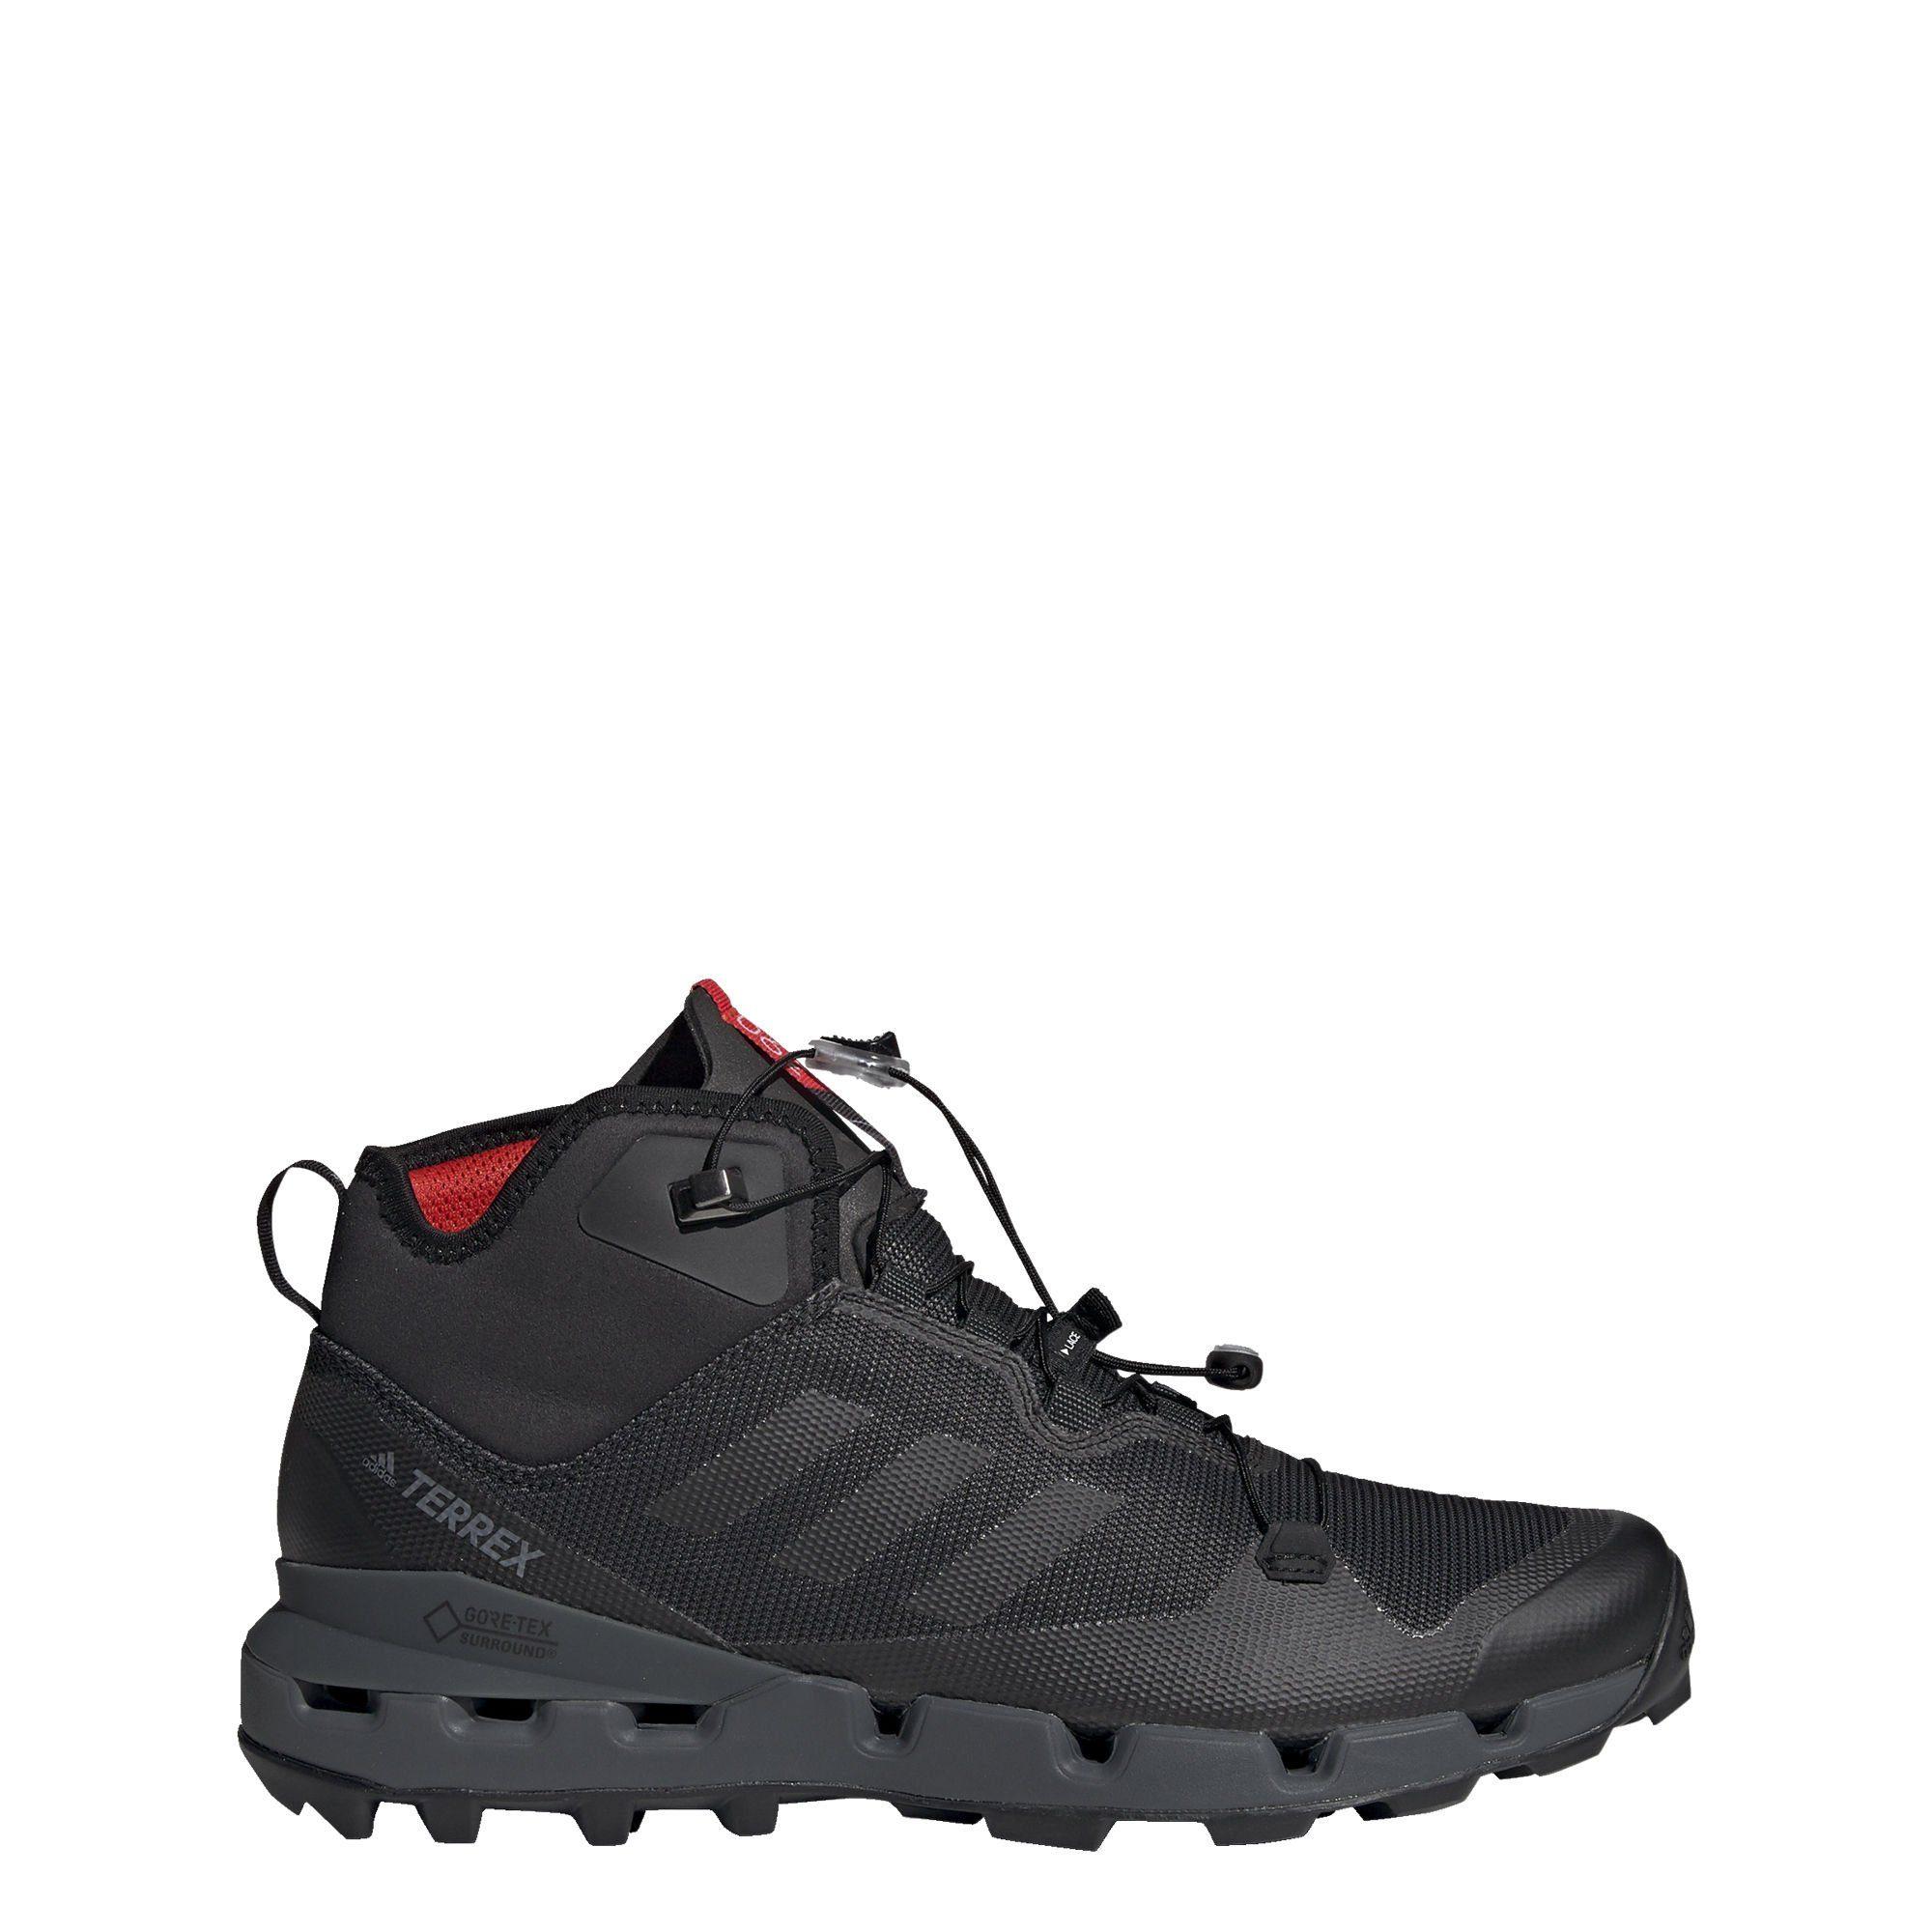 adidas Performance »TERREX Fast Mid GTX Surround Schuh« Outdoorschuh Outdoorschuh online kaufen   OTTO